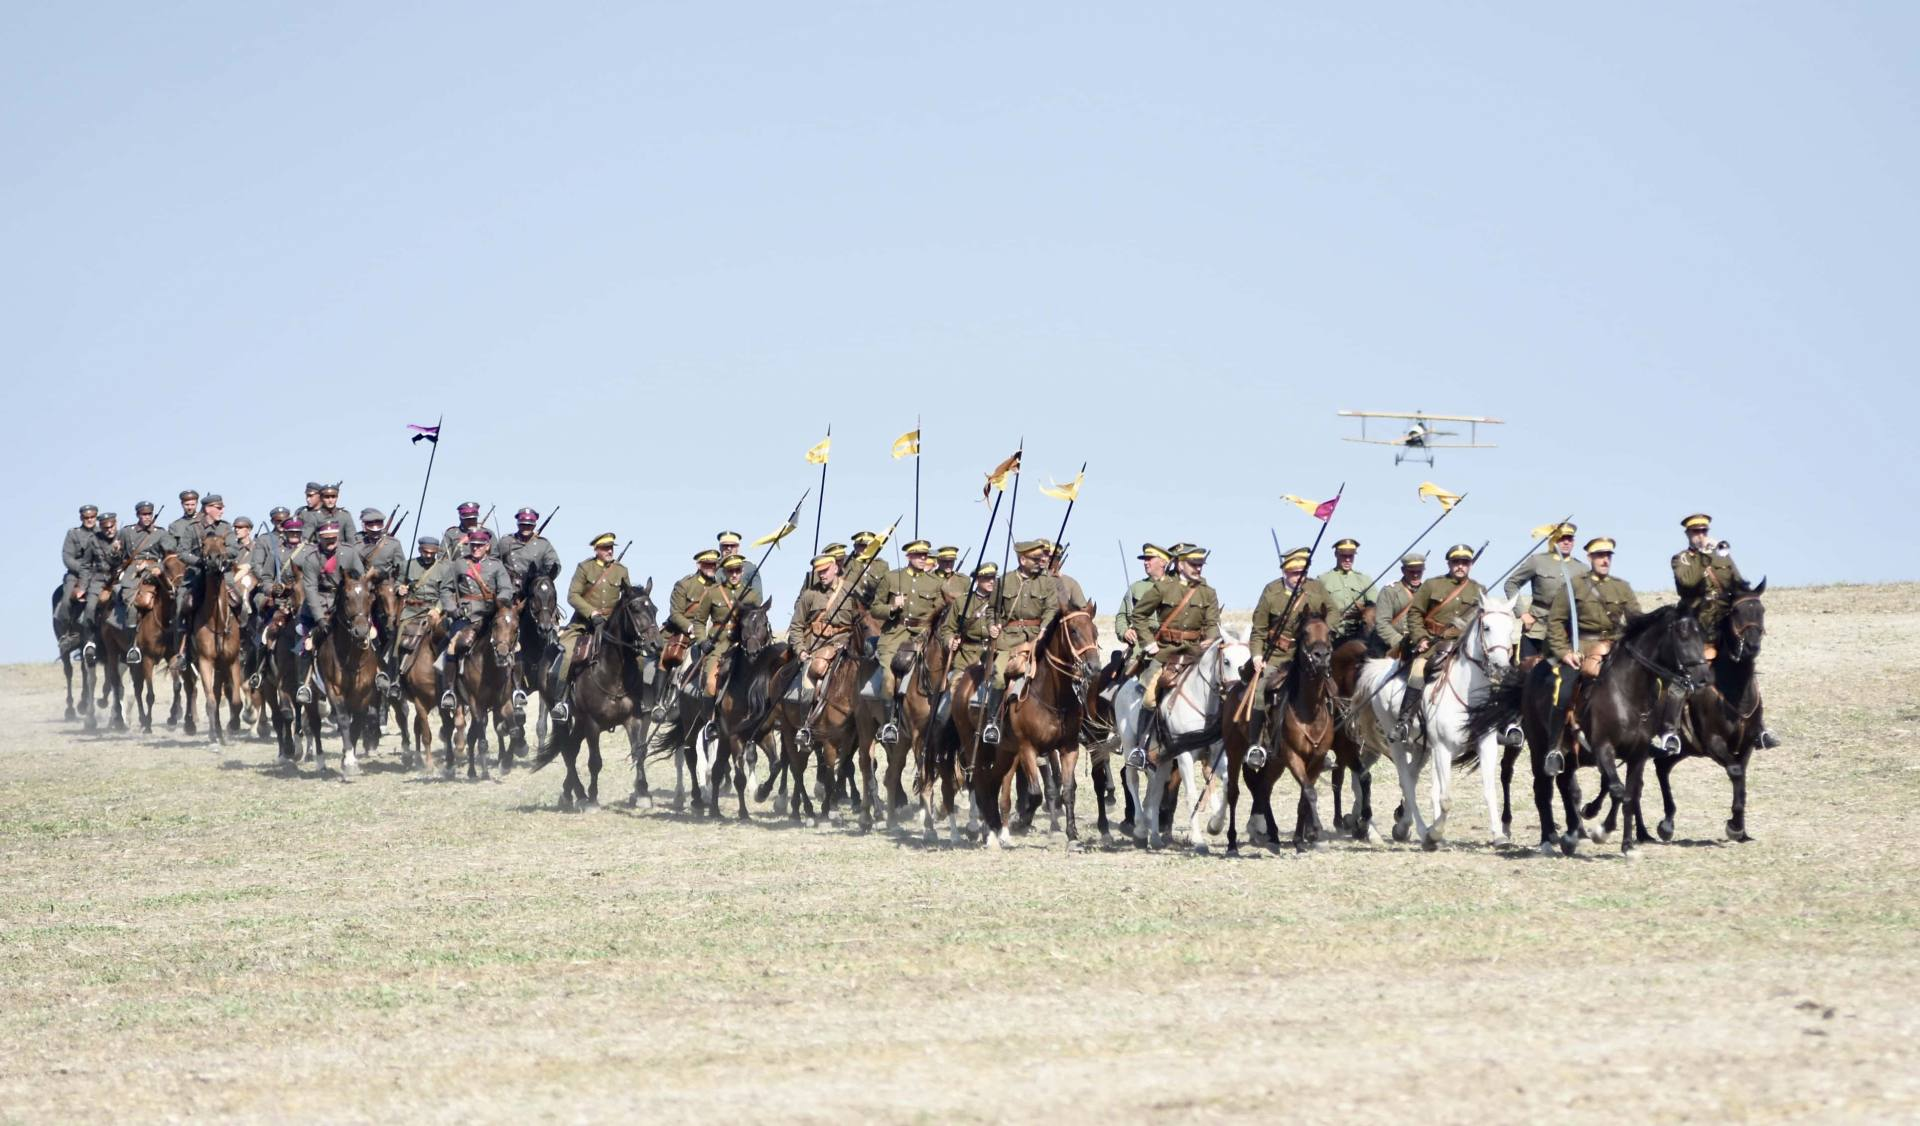 dsc 1006 Czas szabli - 100 rocznica bitwy pod Komarowem(zdjęcia)